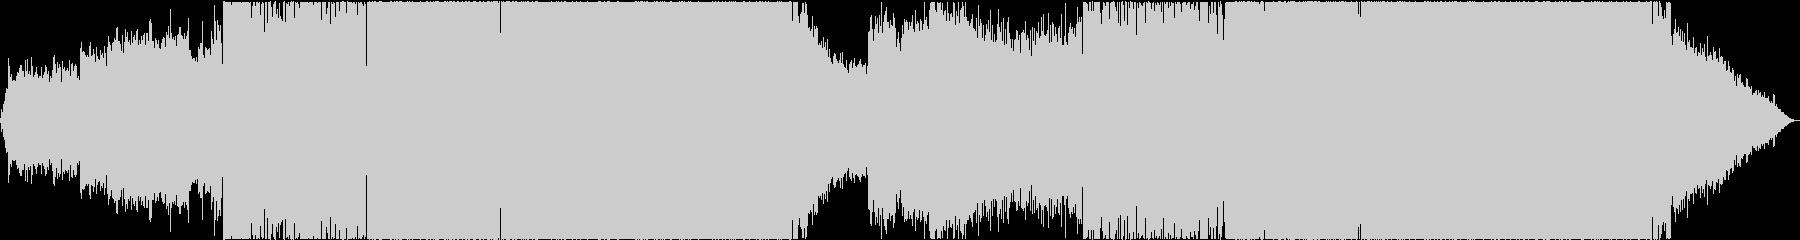 ドラムンベース ボイスエフェクト ゲームの未再生の波形